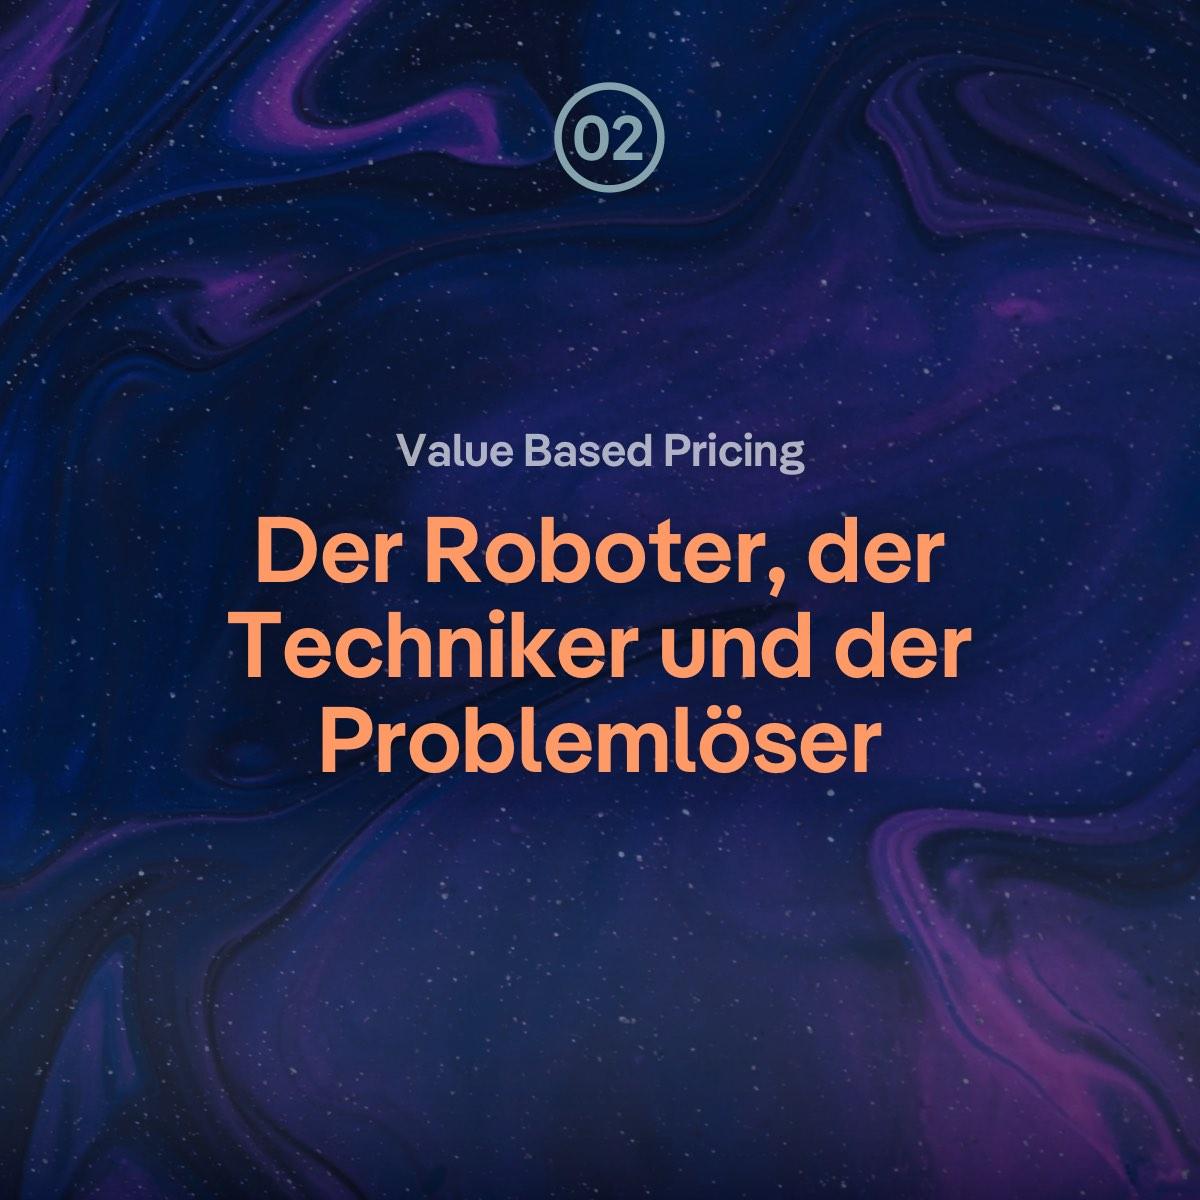 VBP: Der Roboter, der Techniker und der Problemlöser – was bist du?